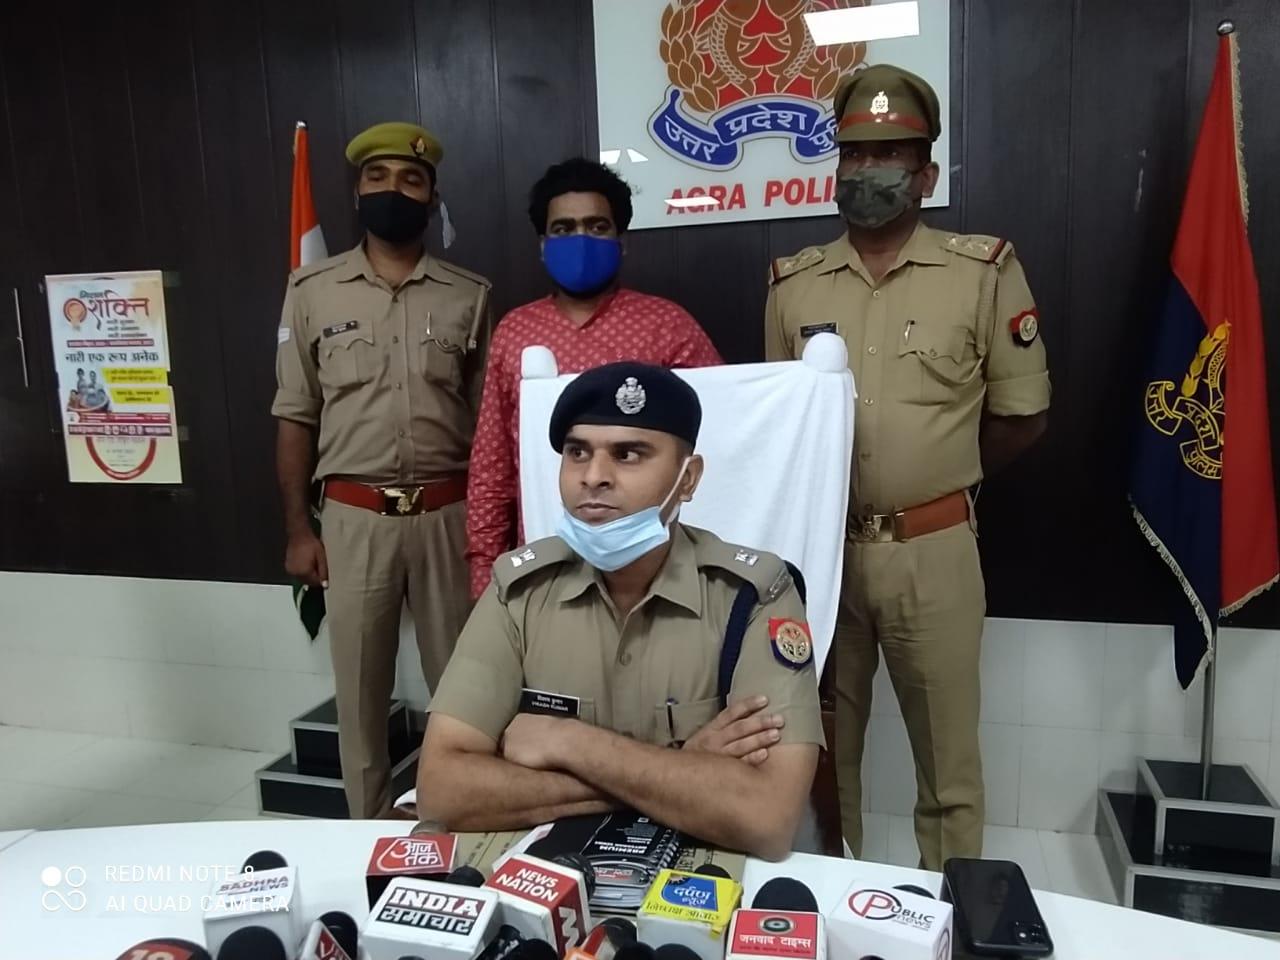 कमला नगर पुलिस ने क्रिकेट सट्टे में फरार सट्टेबाज यूनुस को गिरफ्तार करके जेल भेजा है। - Dainik Bhaskar